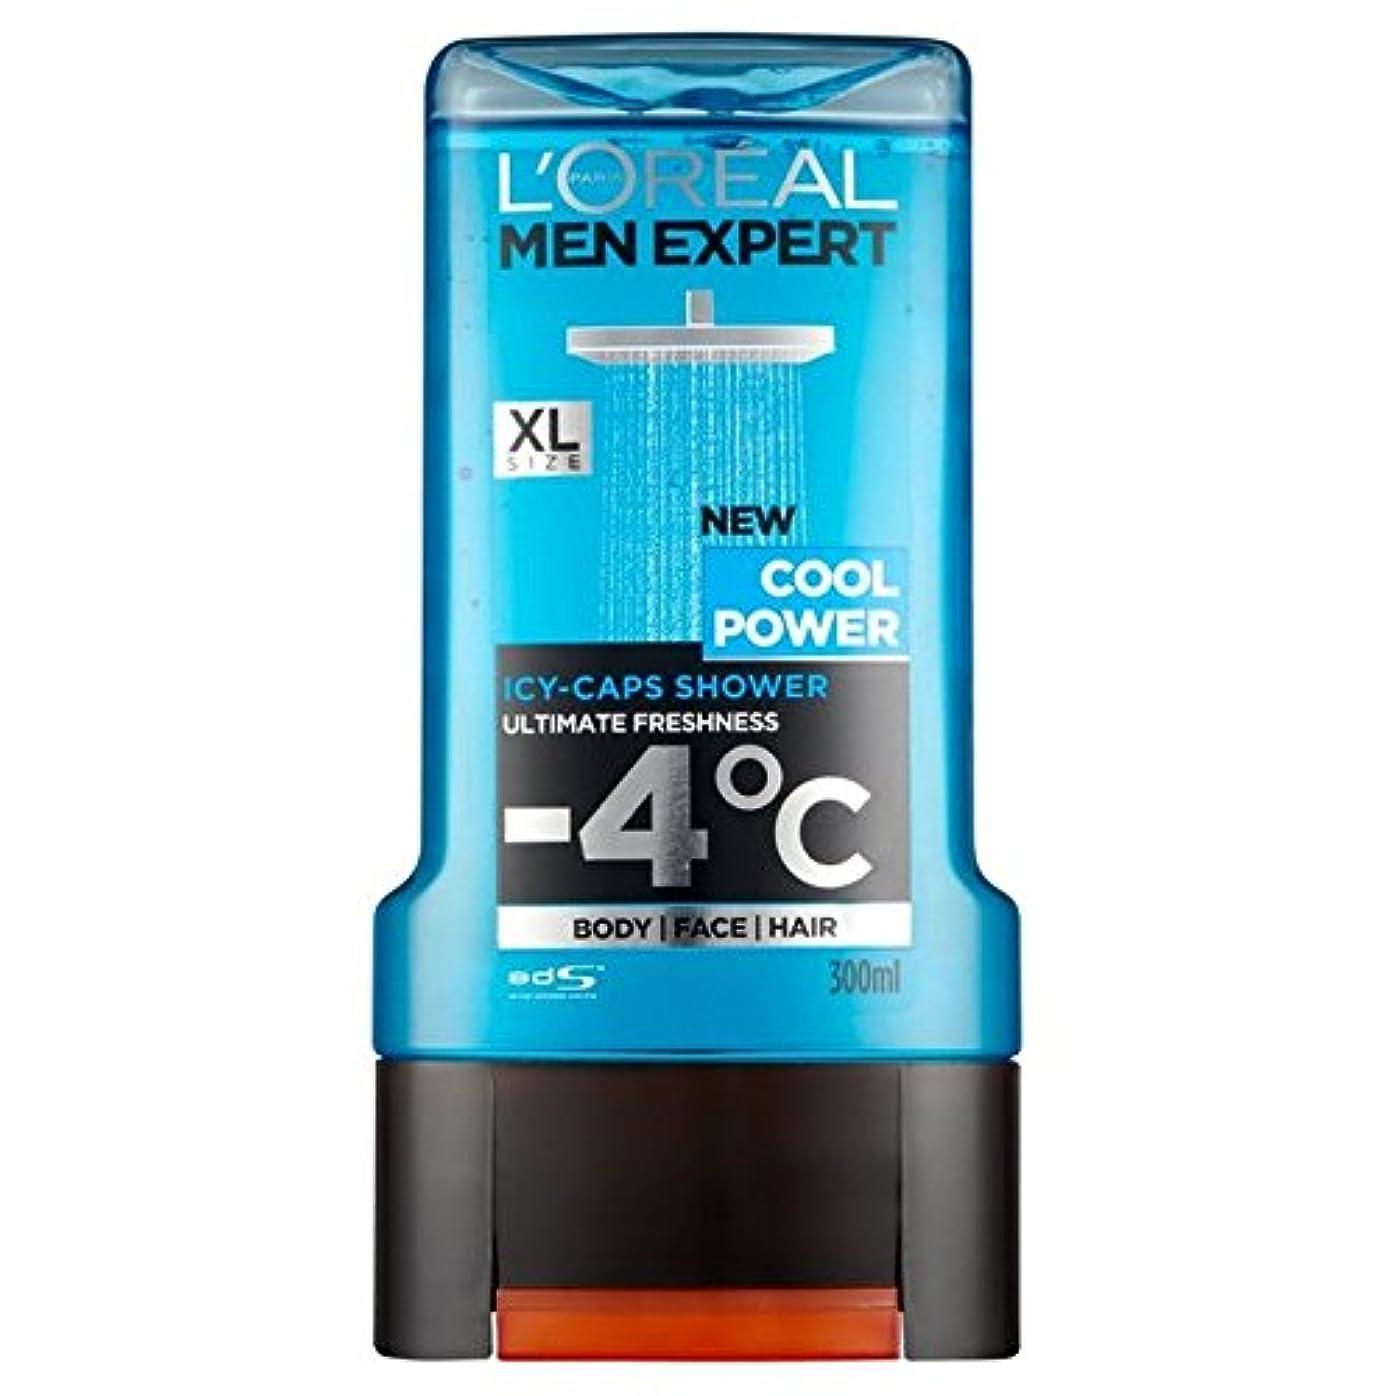 赤外線驚注釈L'Oreal Paris Men Expert Cool Power Shower Gel 300ml - ロレアルパリの男性の専門家のクールなパワーシャワージェル300ミリリットル [並行輸入品]